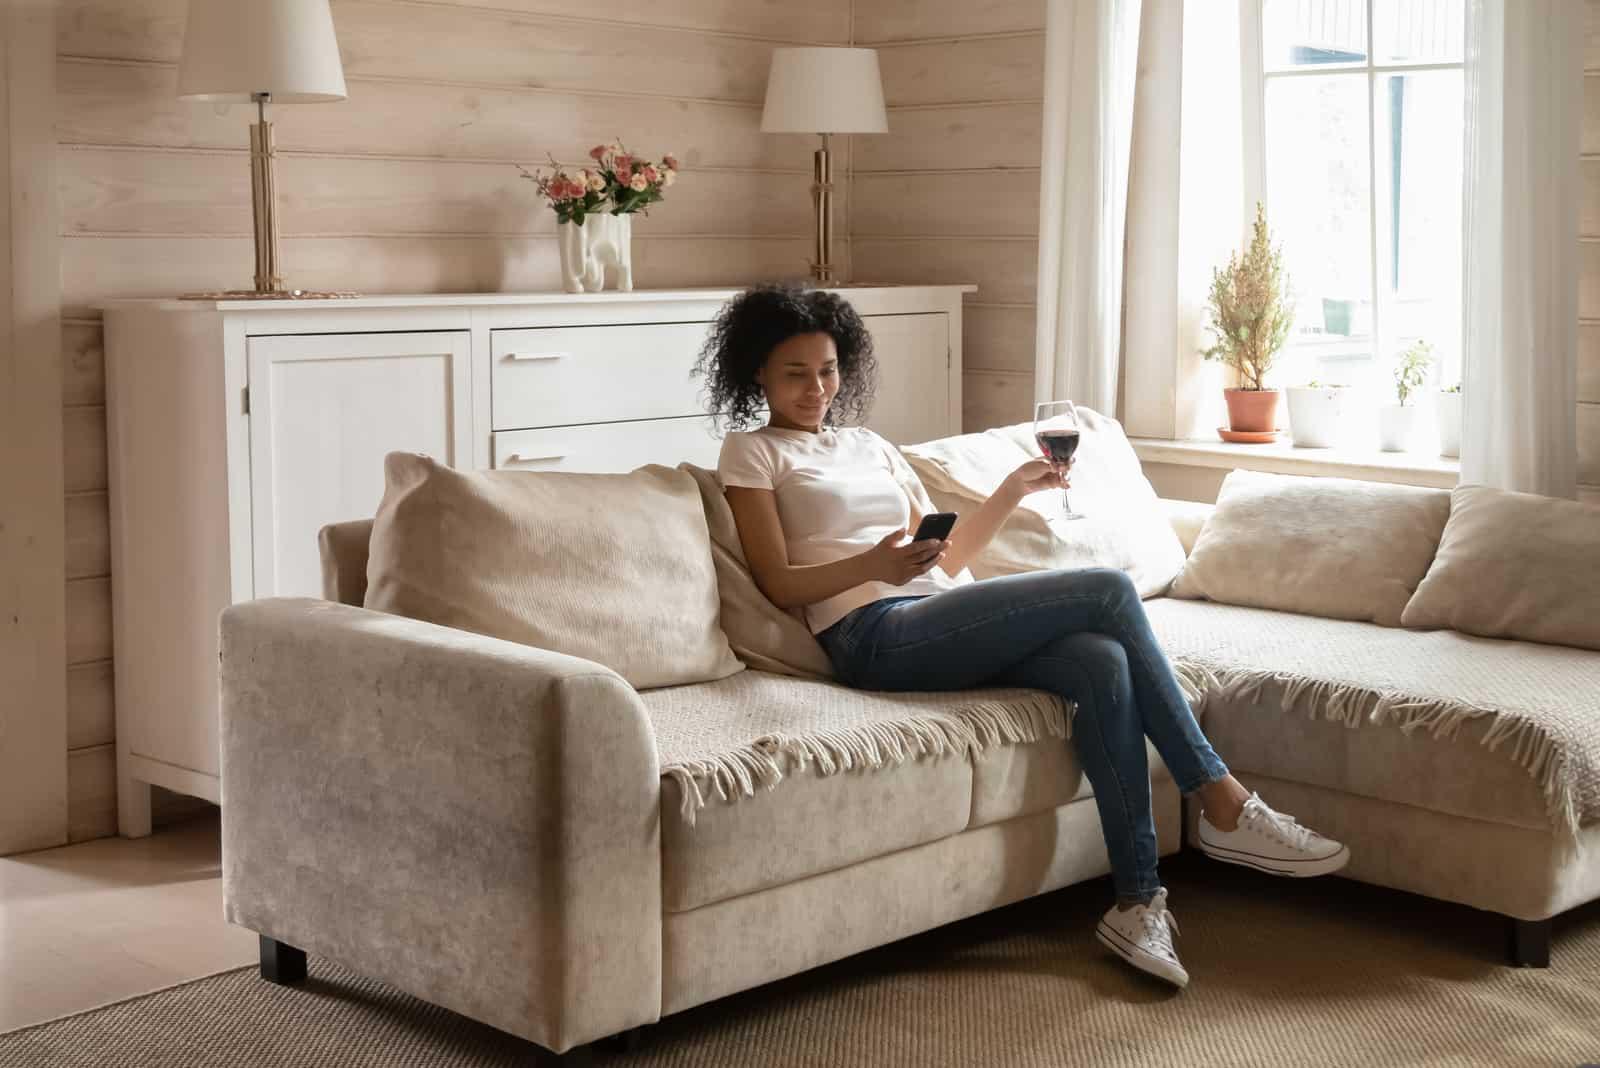 jeune femme s'asseoir se détendre sur un canapé confortable